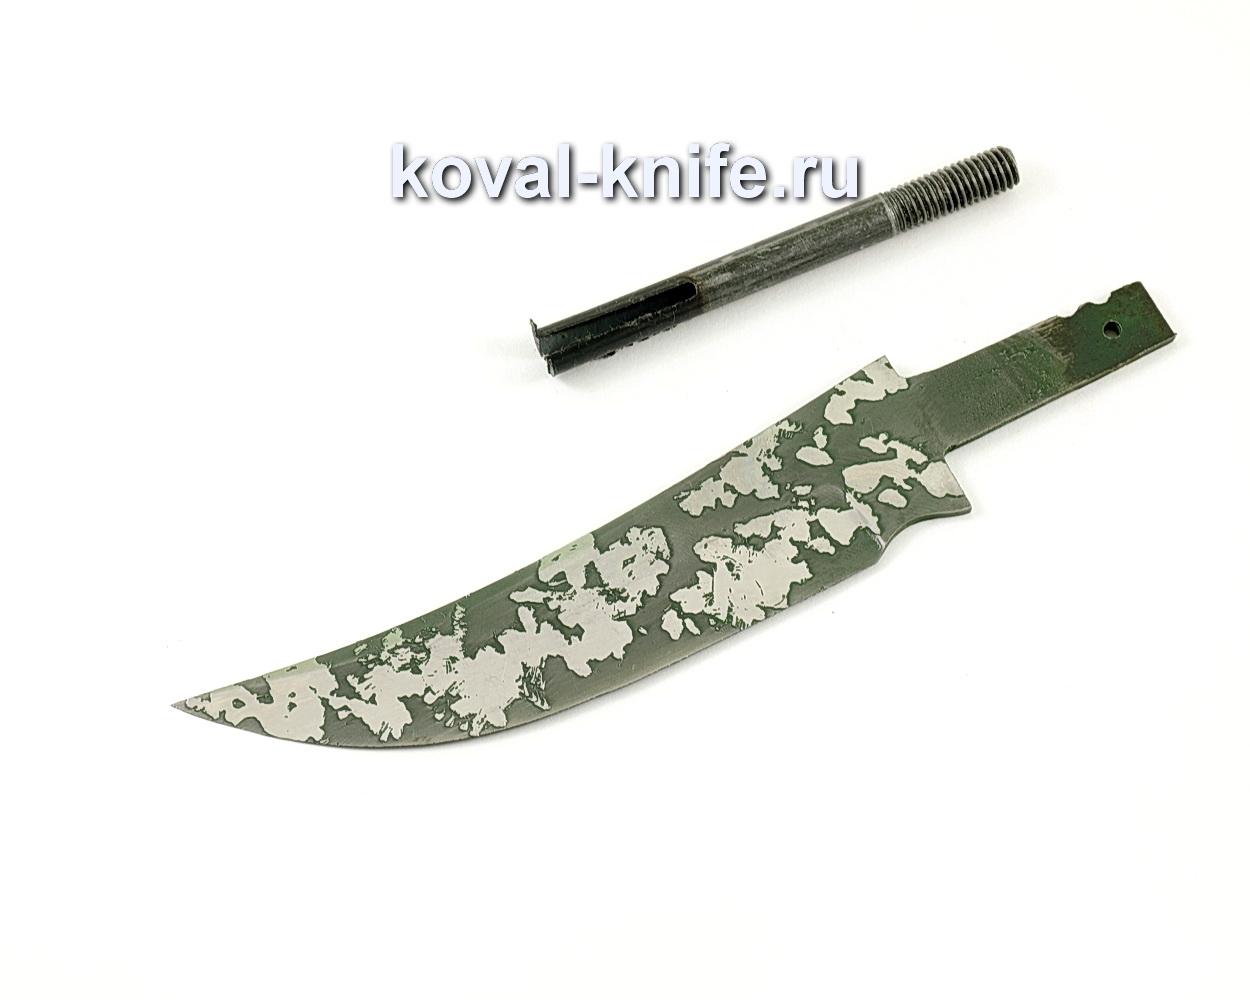 Клинок для ножа Ворон (кованая сталь 95Х18, травление)